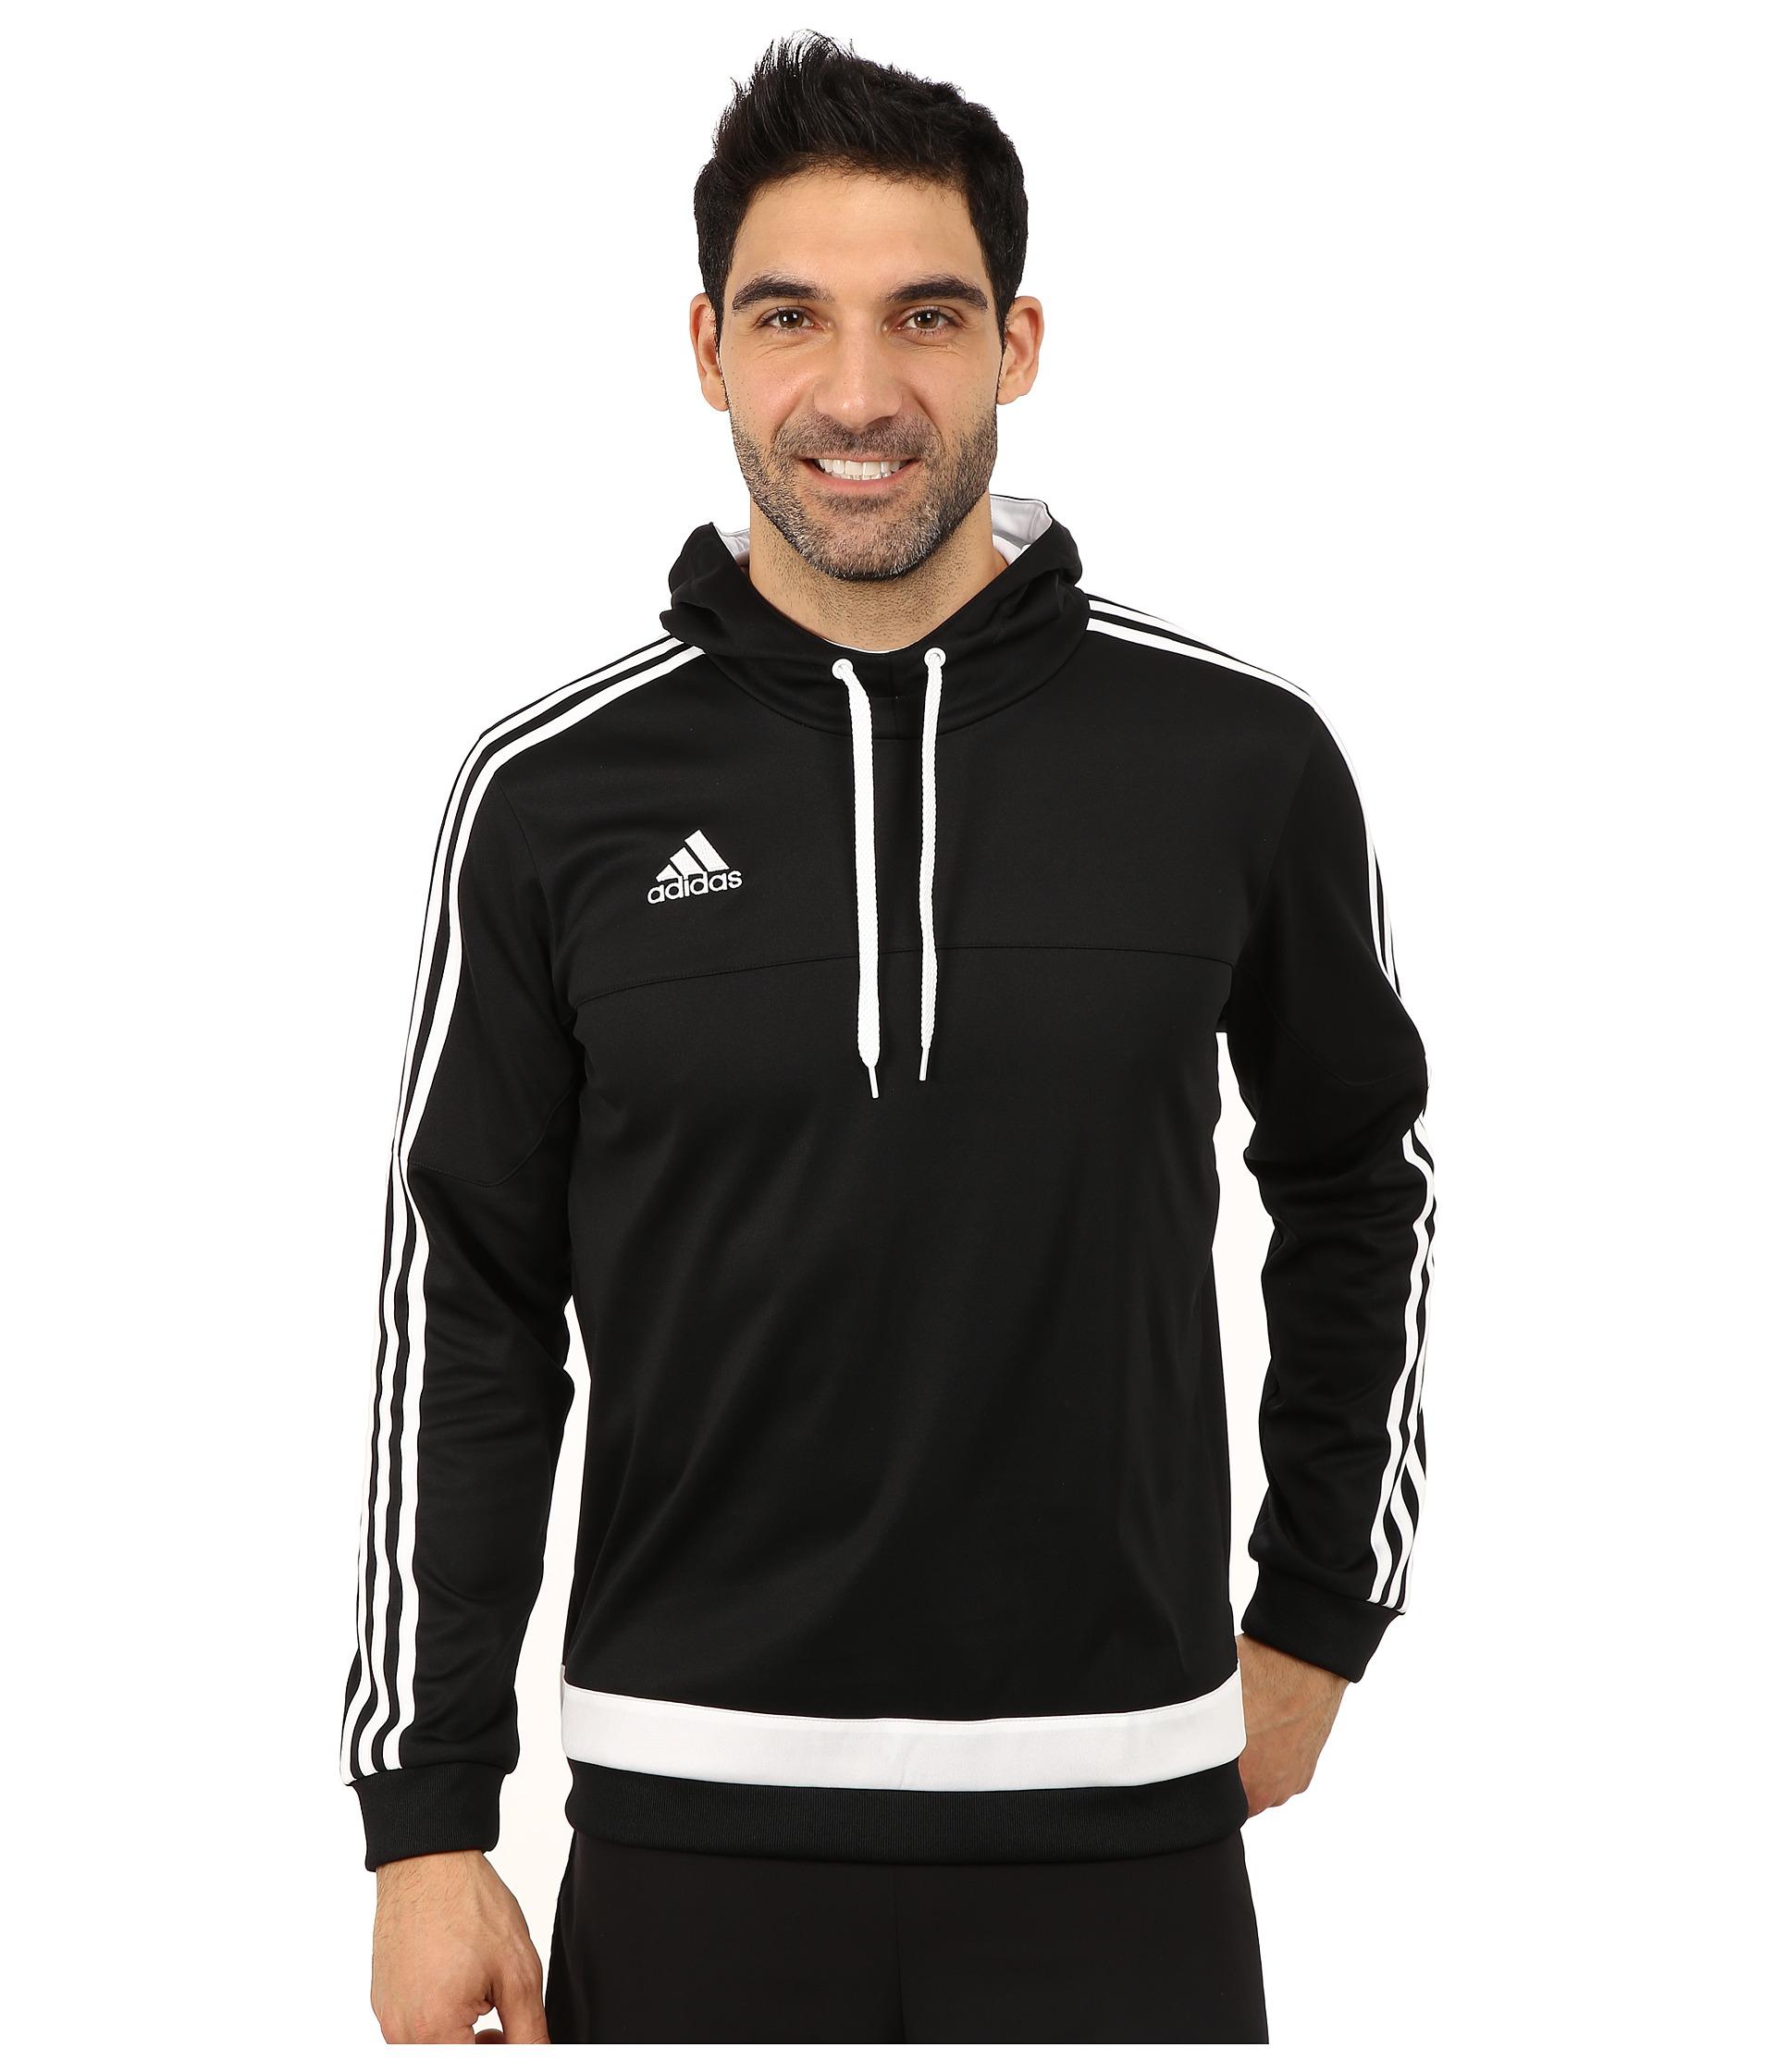 Lyst - adidas Tiro 15 Hoodie in Black for Men 00ee8a6558fb